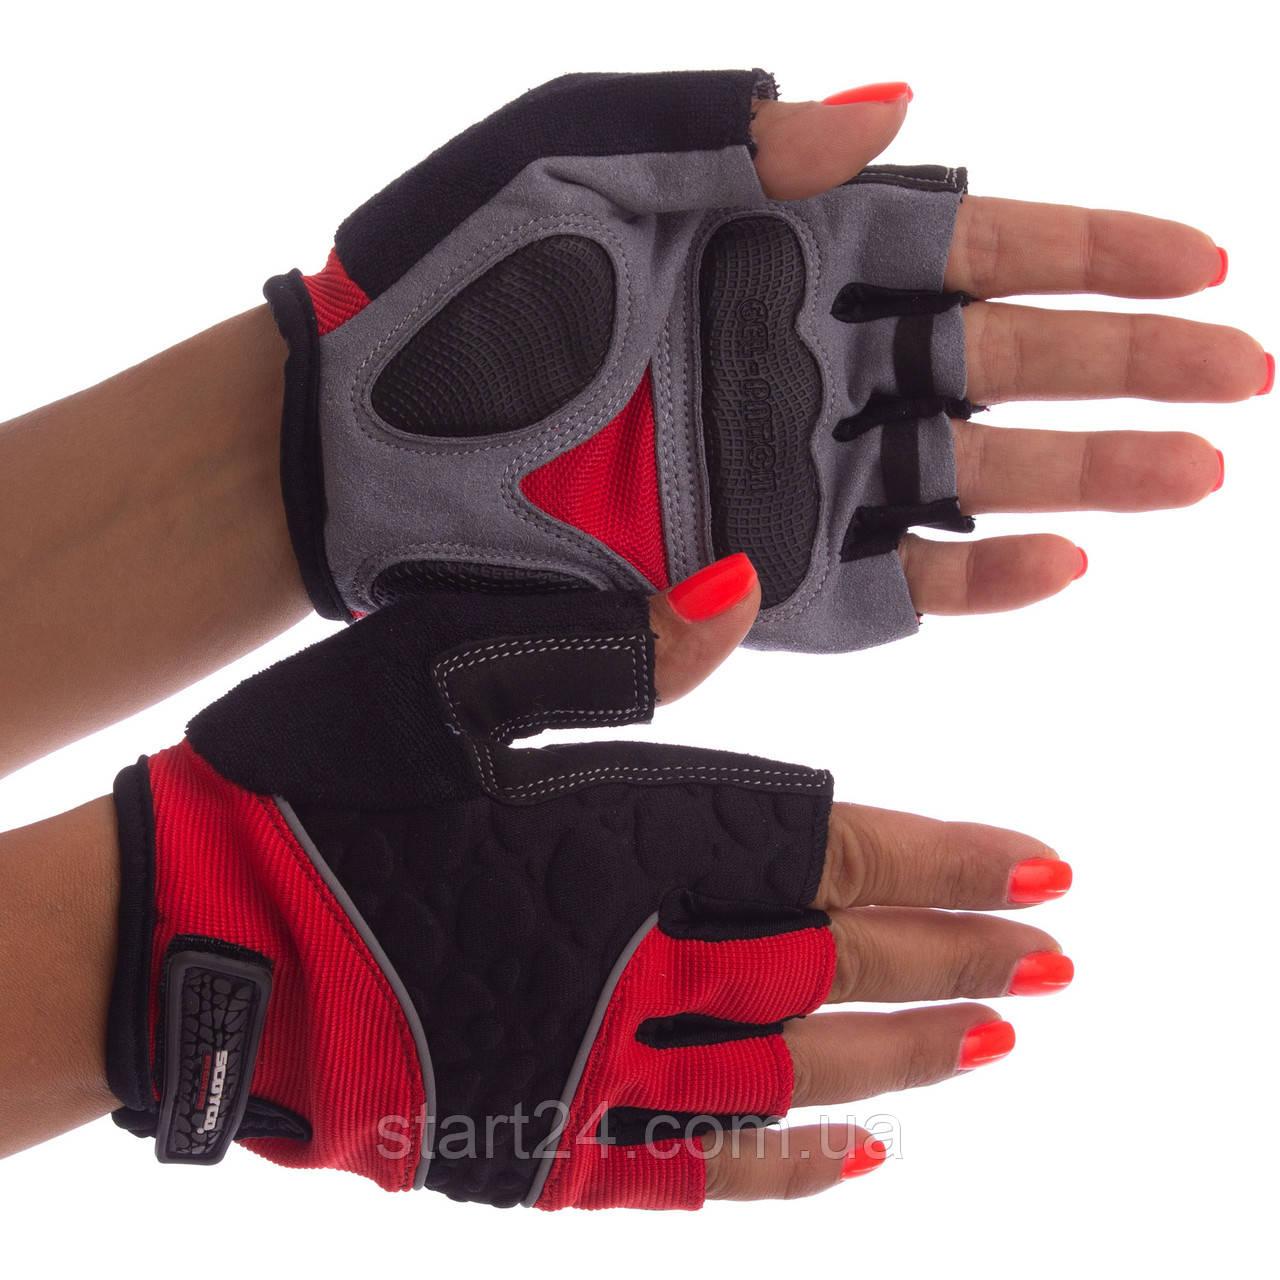 Велоперчатки з відкритими пальцями SCOYCO ВG03 (розмір S-XL кольори в асортименті)